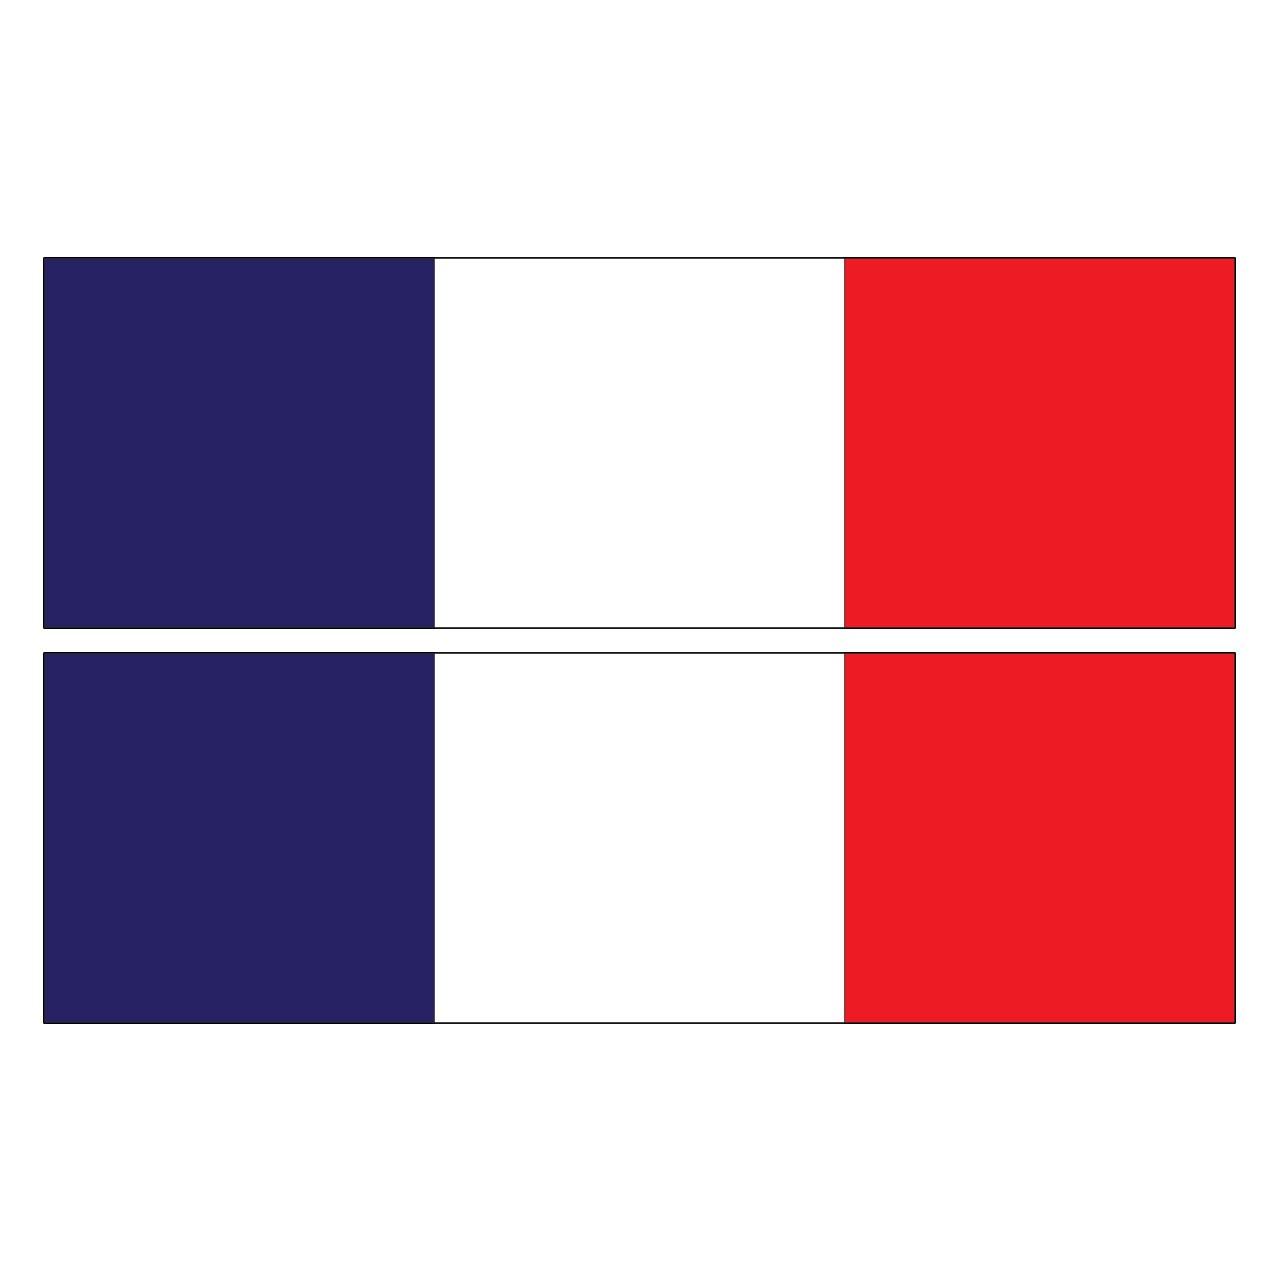 استیکر رکاب خودرو طرح پرچم فرانسه